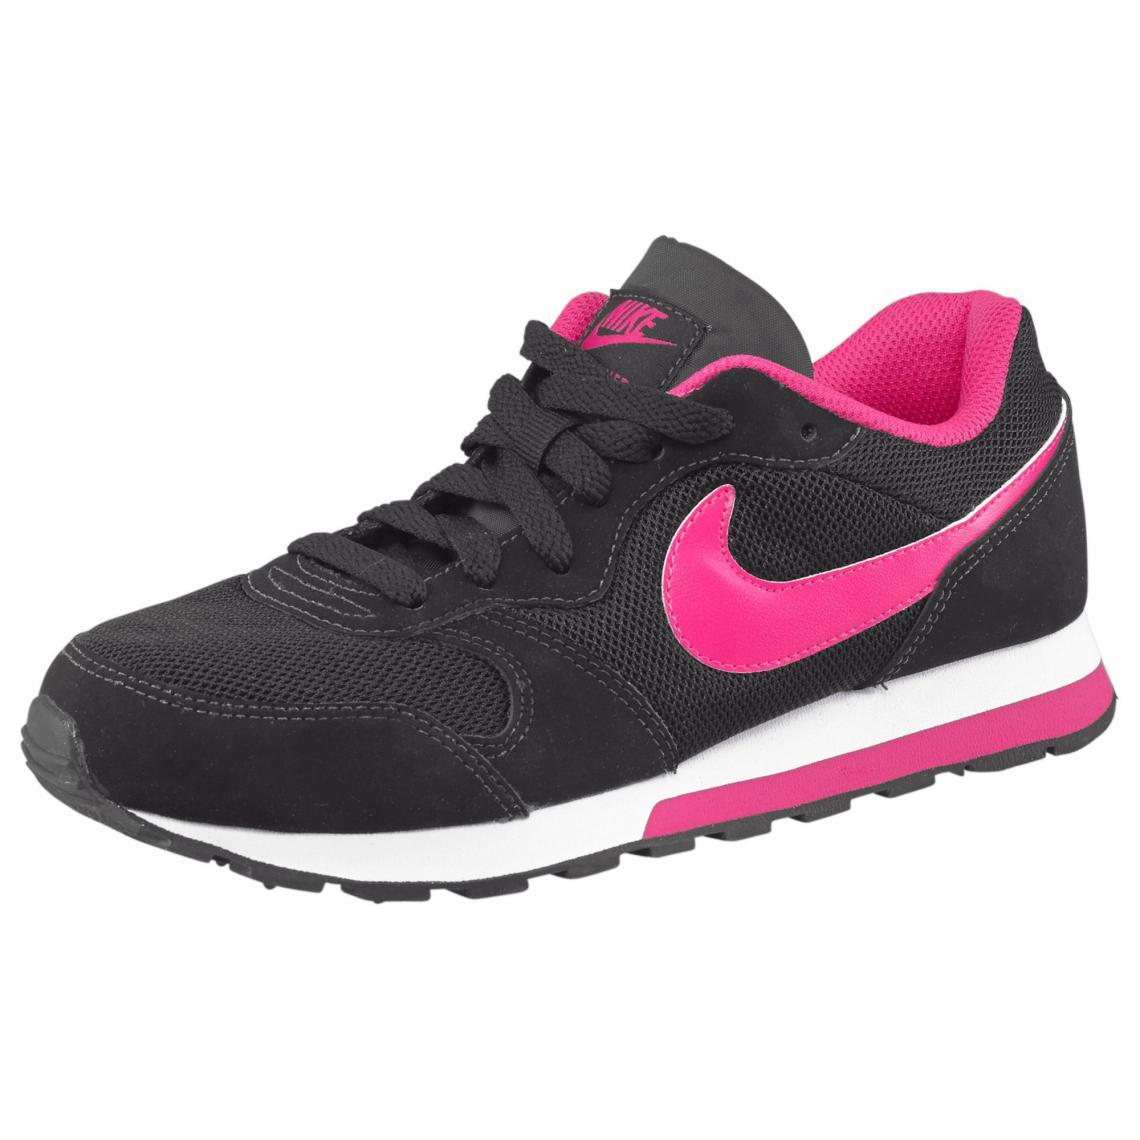 f29bf6974 Sneaker nike noir et rose femme | 3 SUISSES